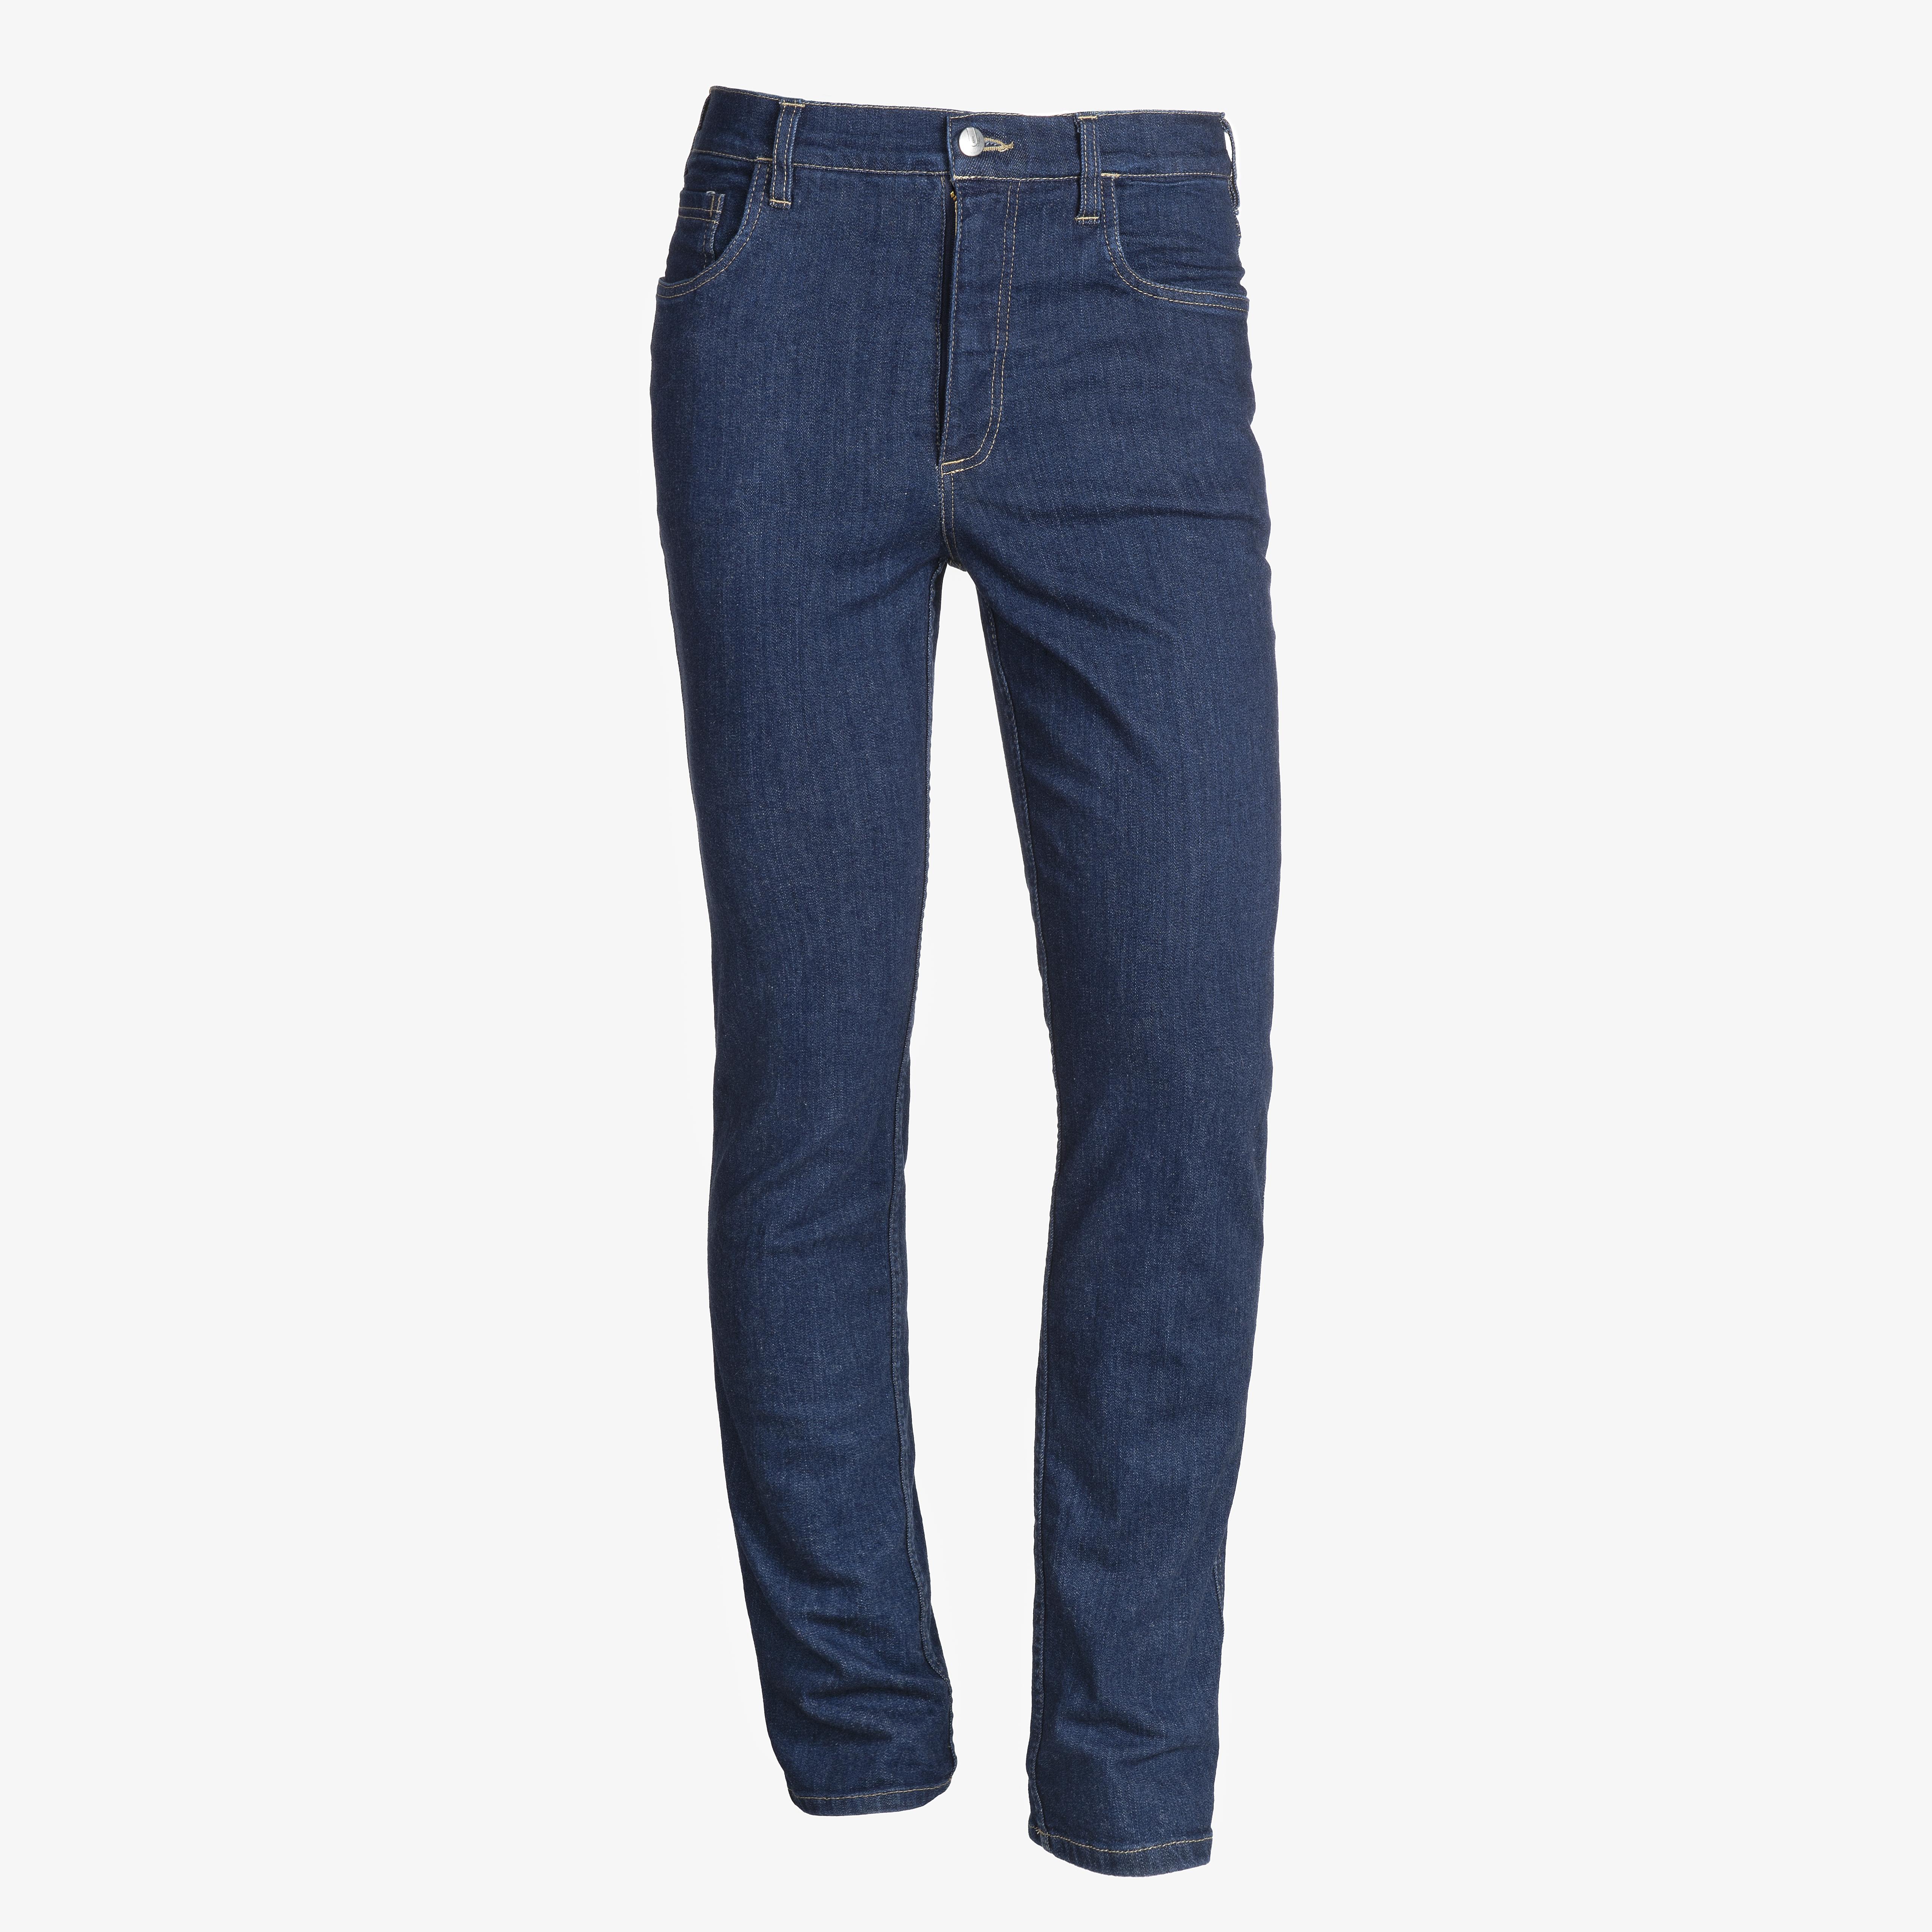 DEREK Jeans Bio Denim Stretch